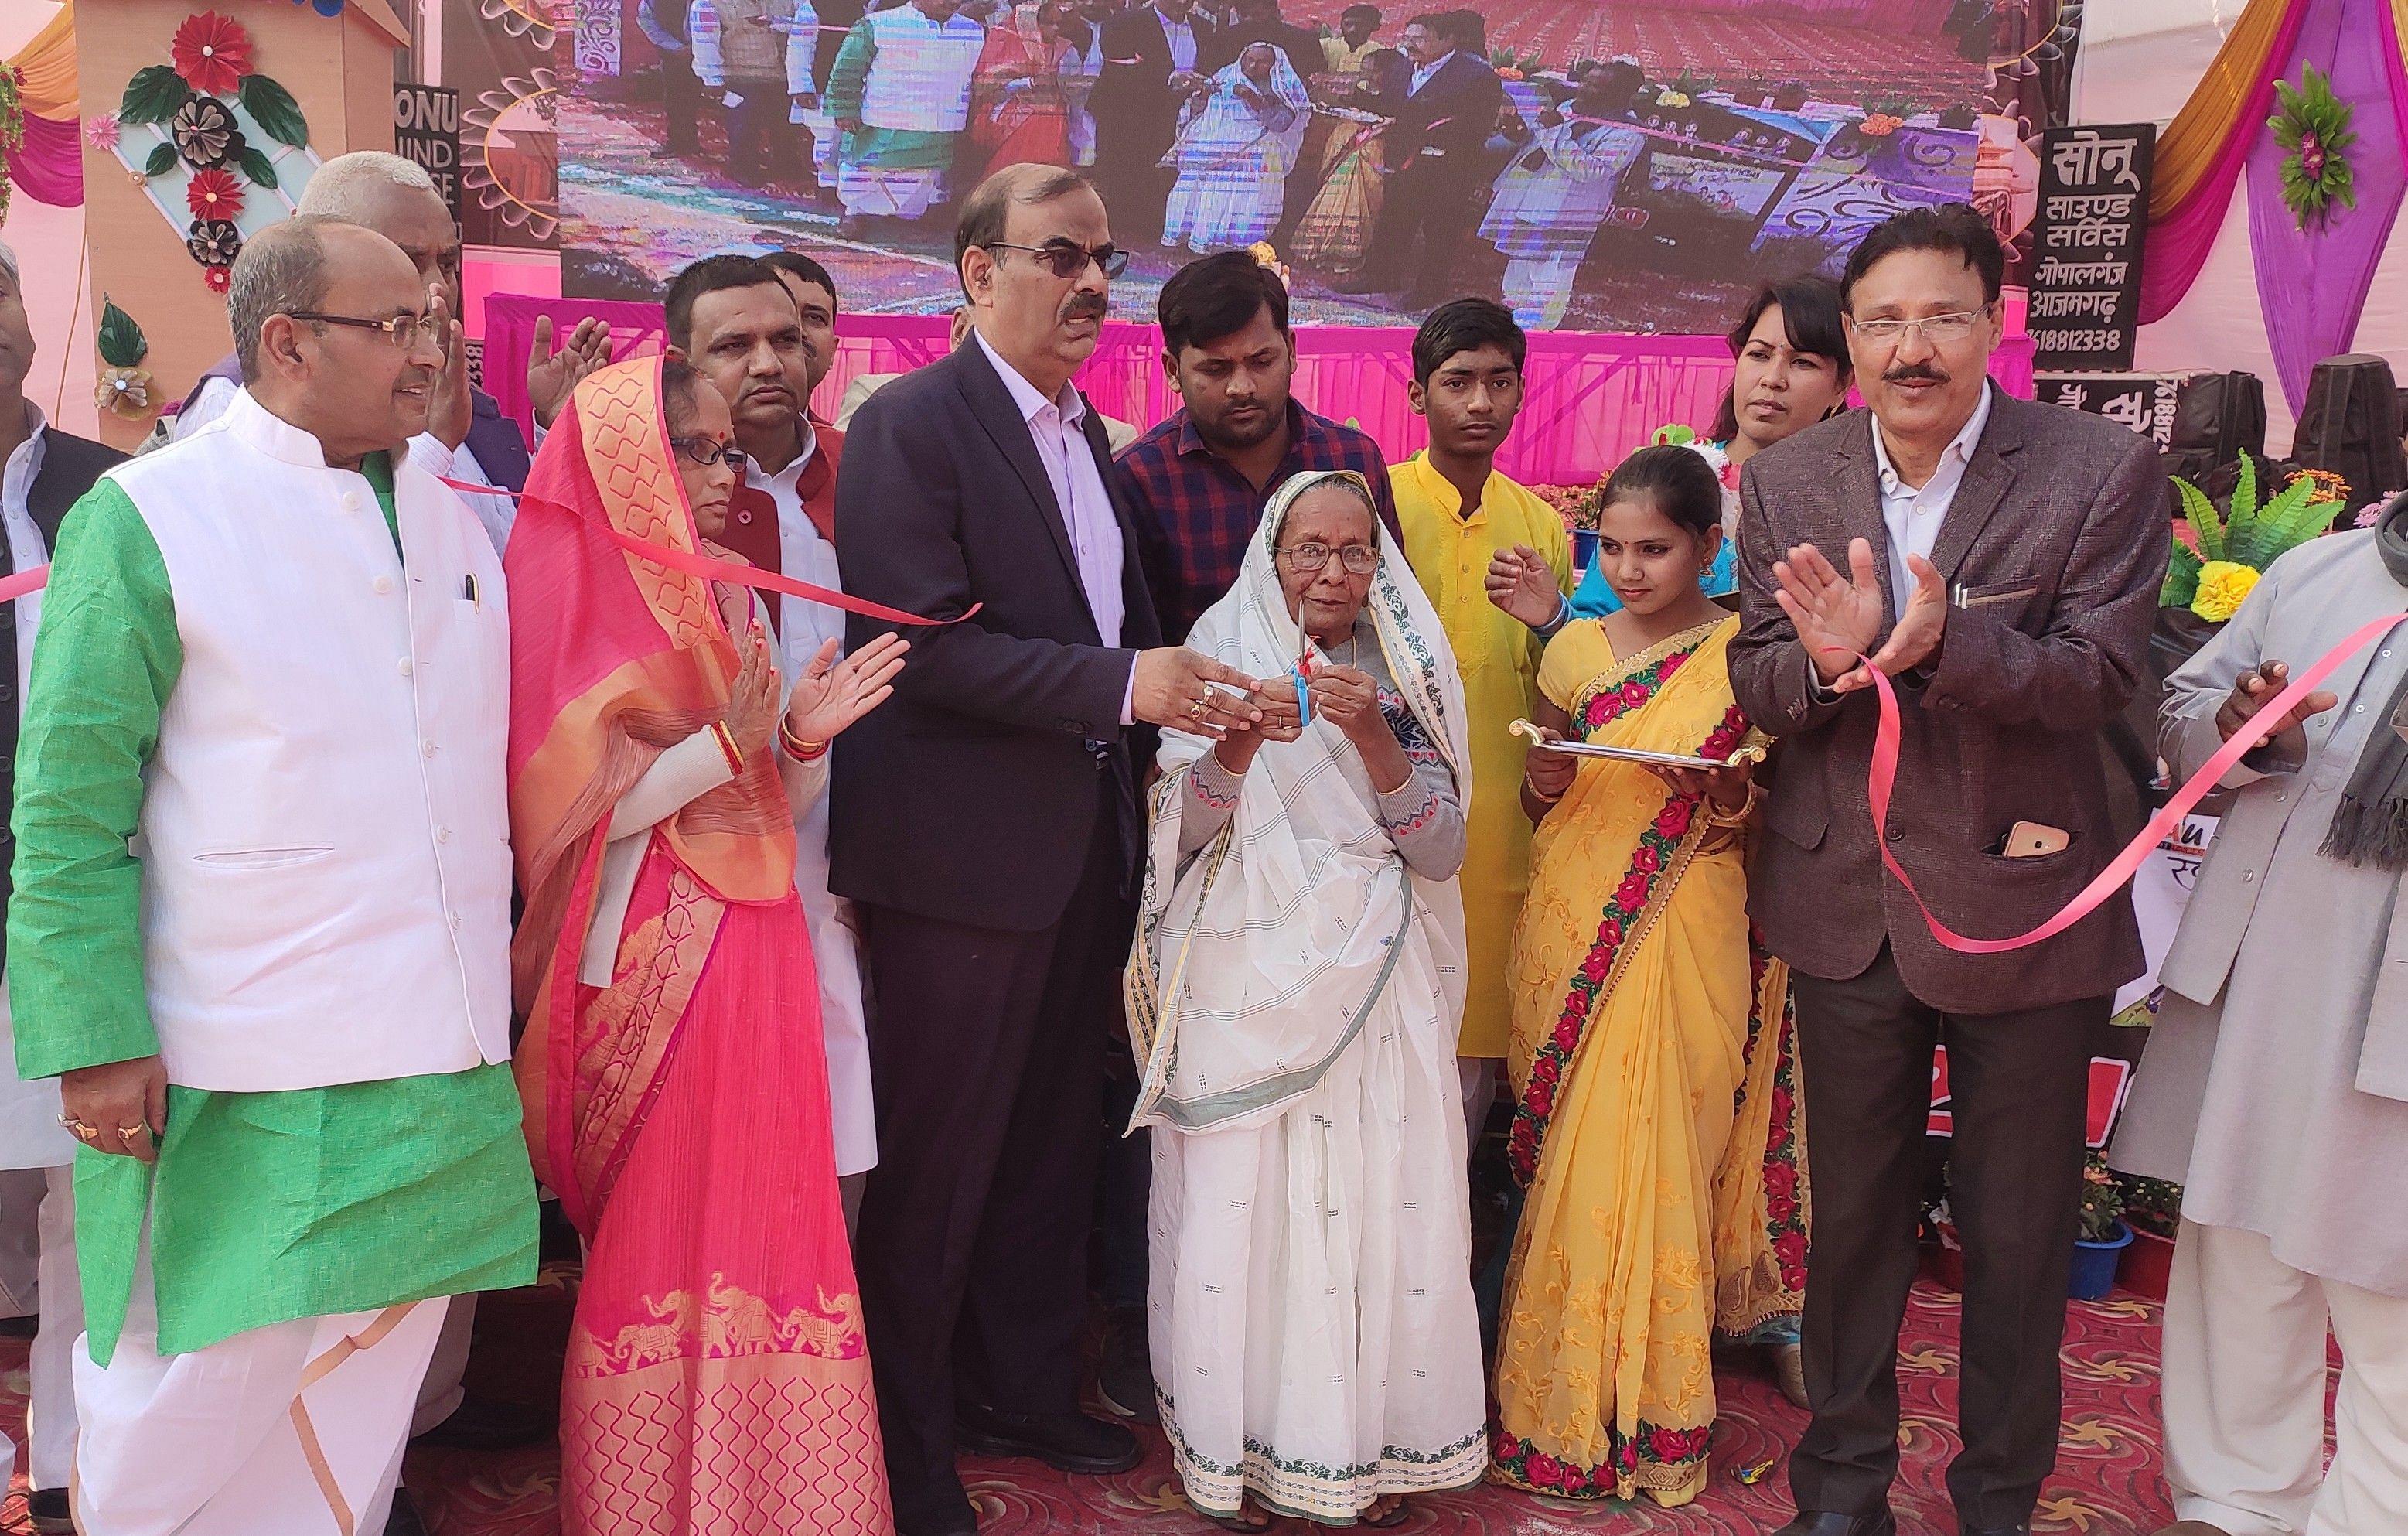 बुढ़नपुर महोत्सव का शुभारंभ करती अमर शहीद की पत्नी ललिता देवी और डीएम एनपी सिंह।